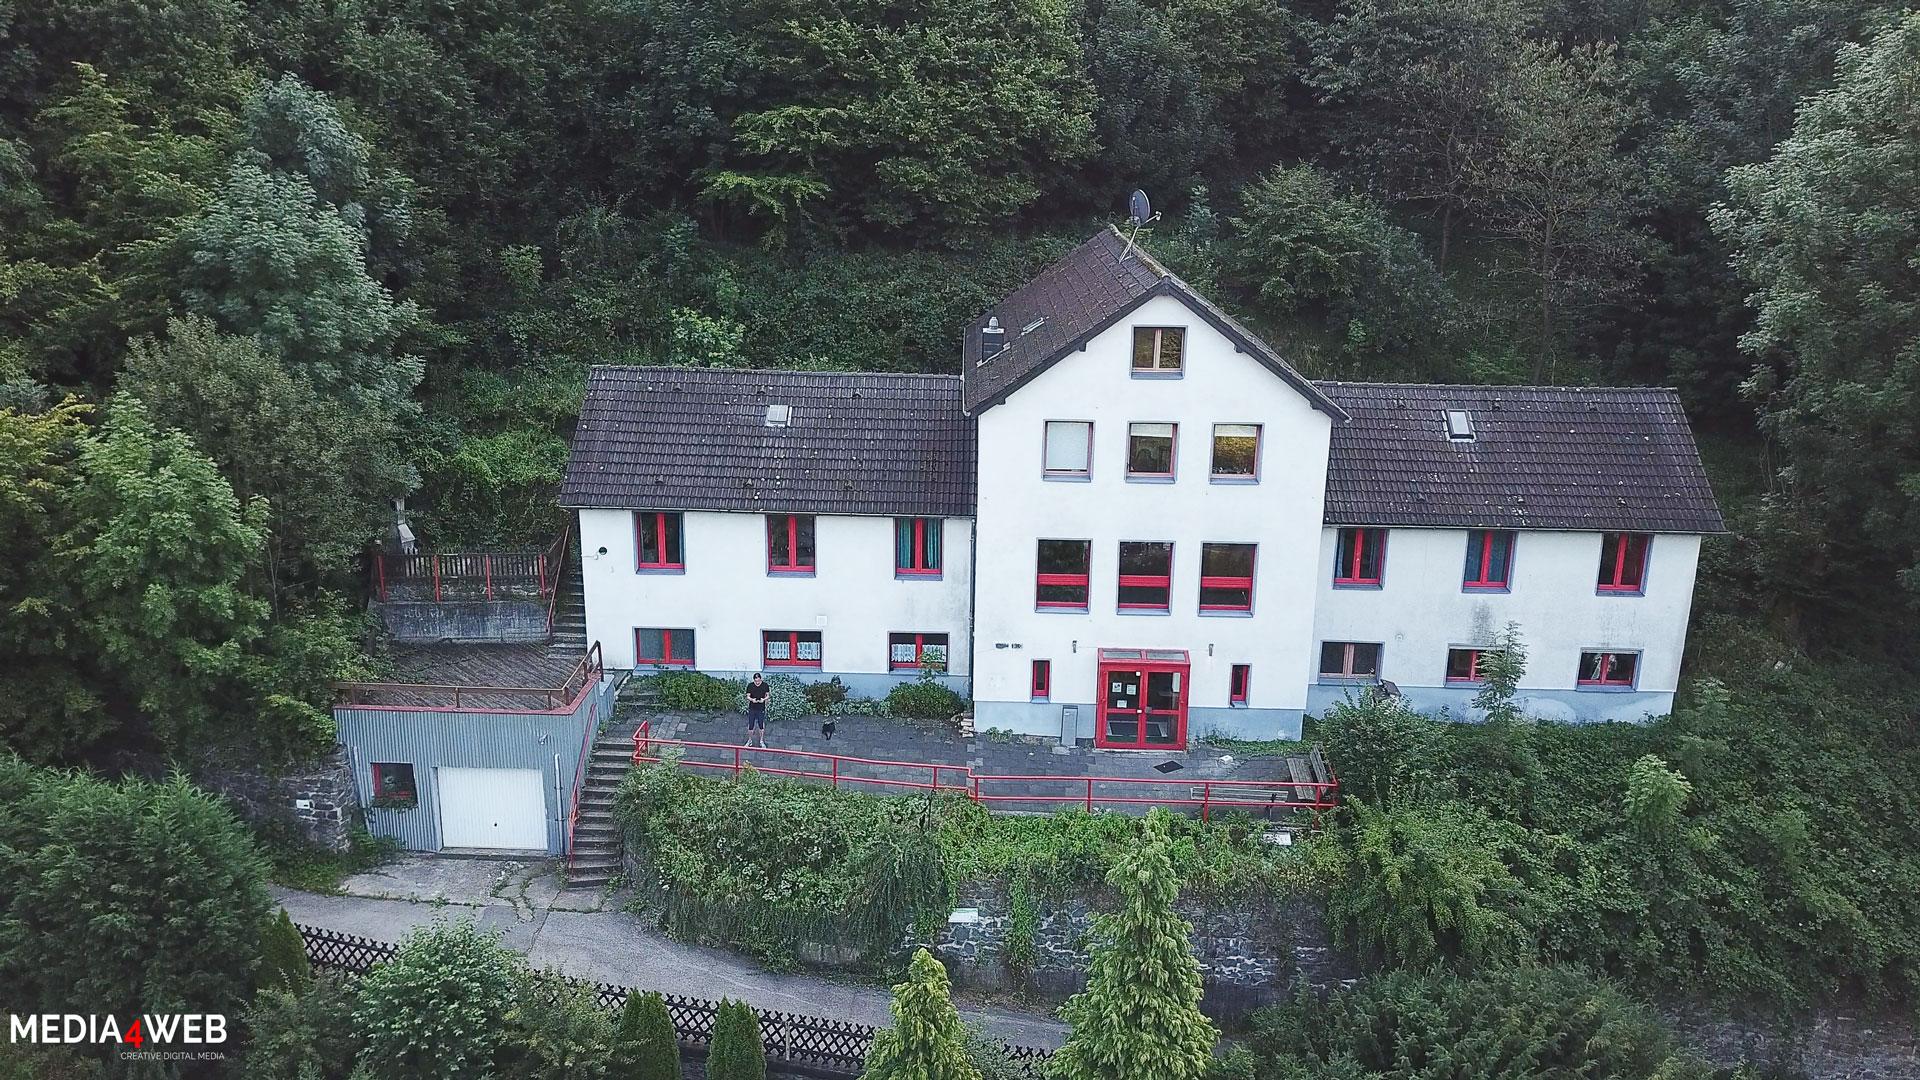 Luftbild-vom-Selbstversorgerhaus-Pfadfinderheim-Altena-im-Sauerland